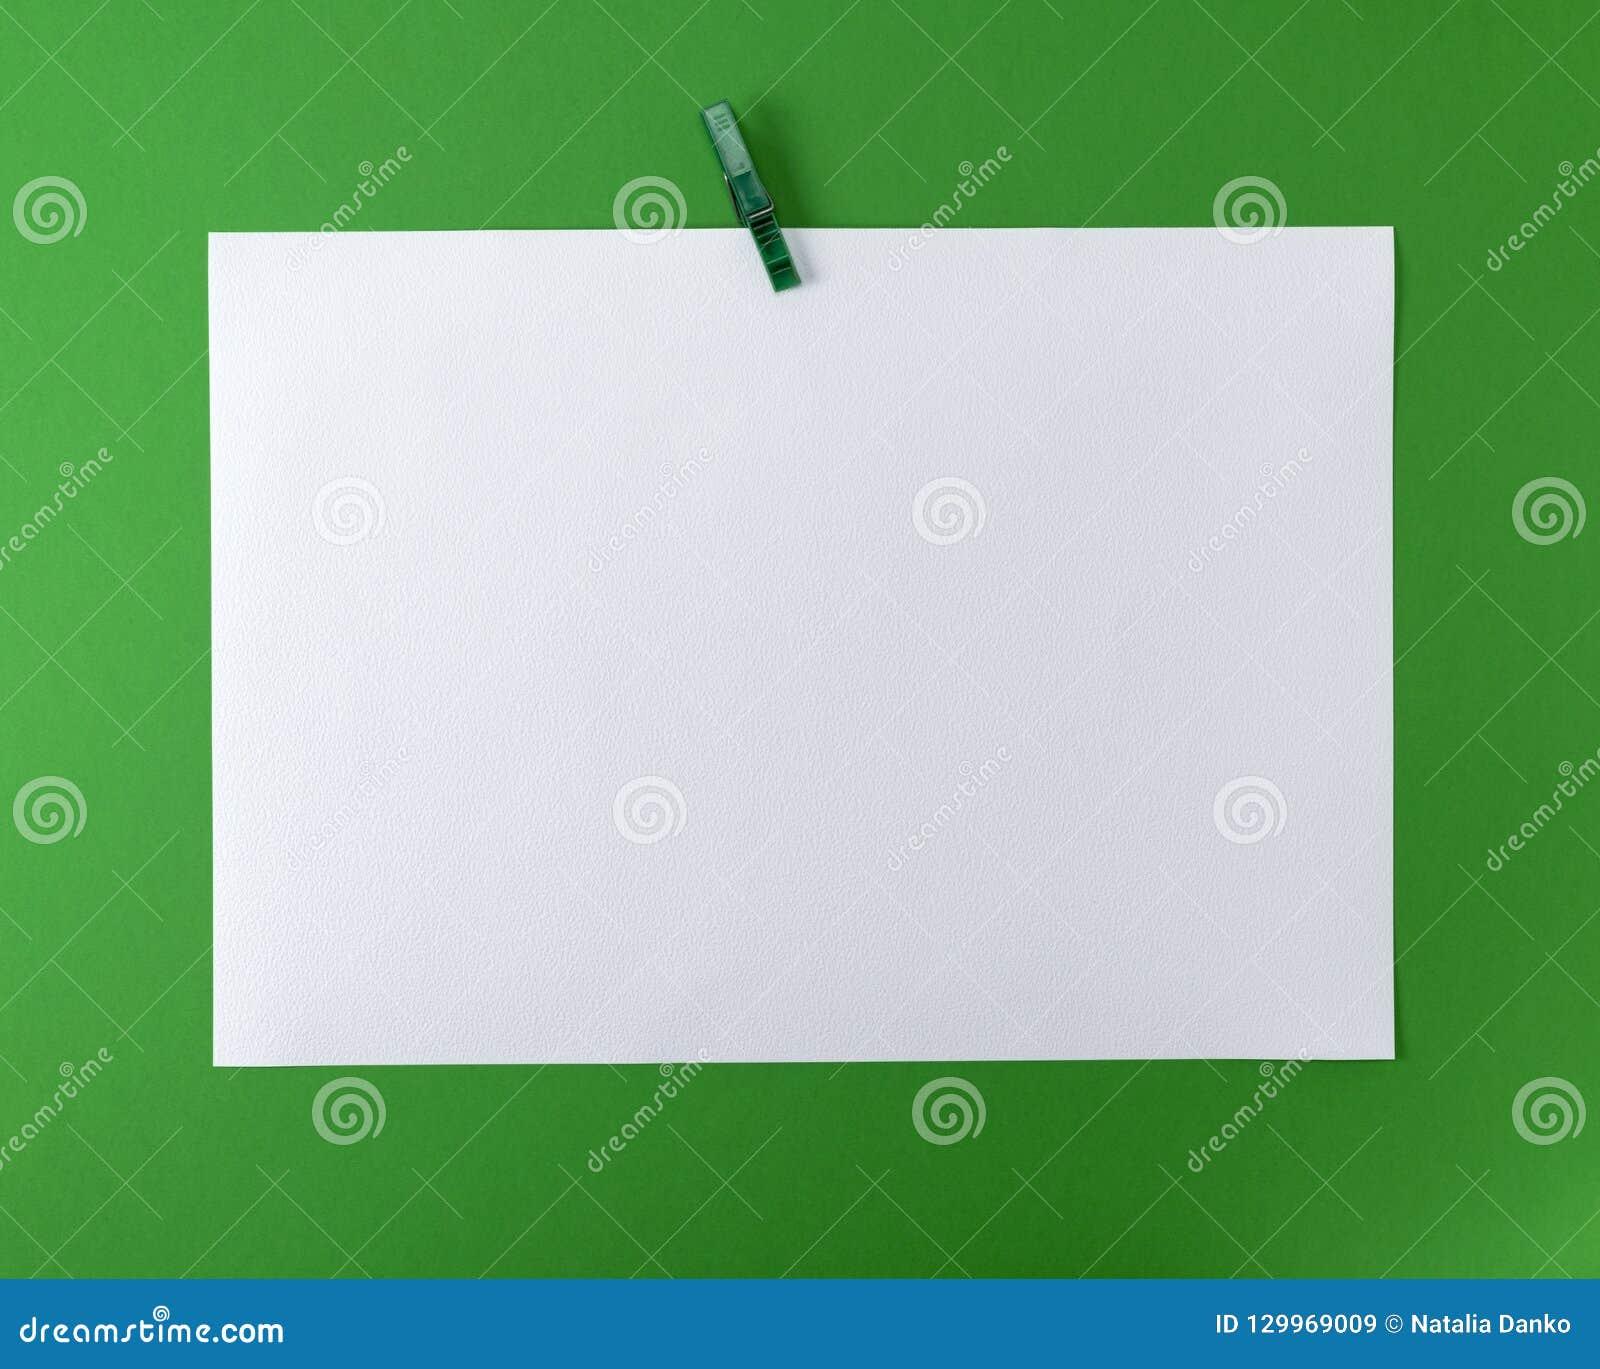 White blank drawing sheet